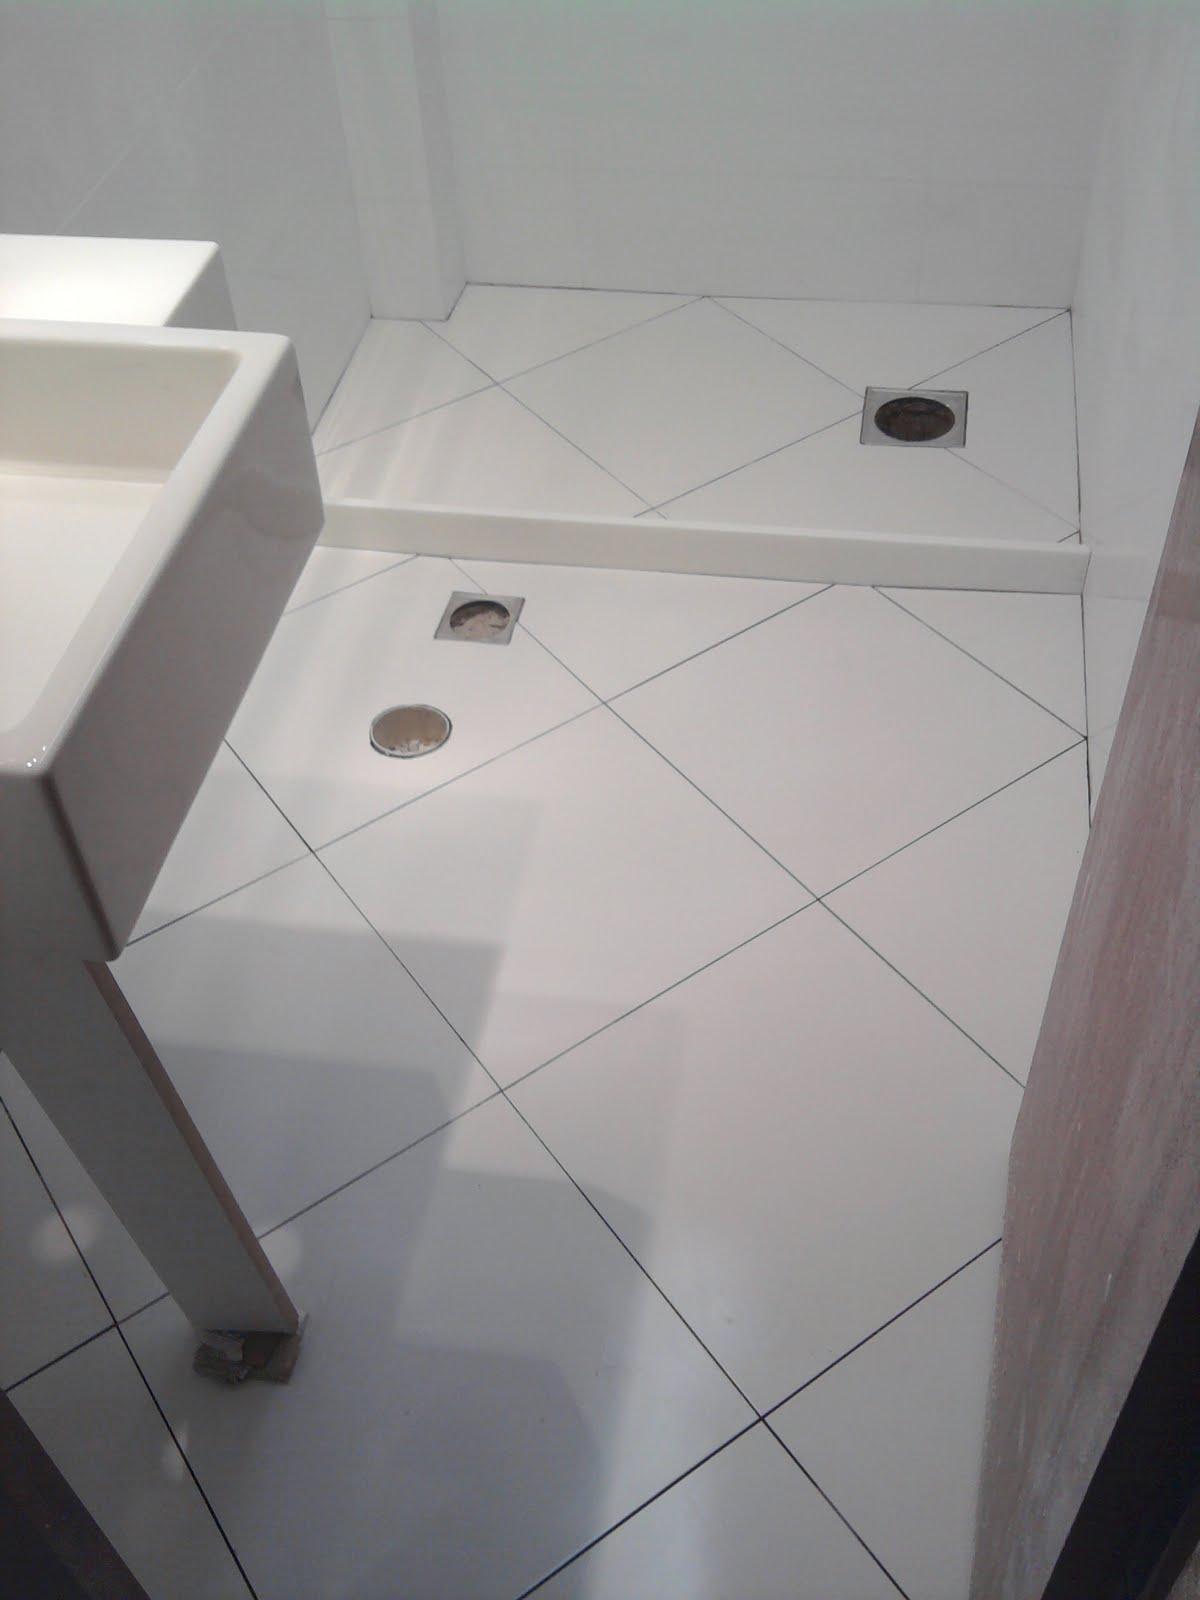 Pisos para Banheiro Simples Cerâmica e Modelos Construdeia #6C675F 1200 1600